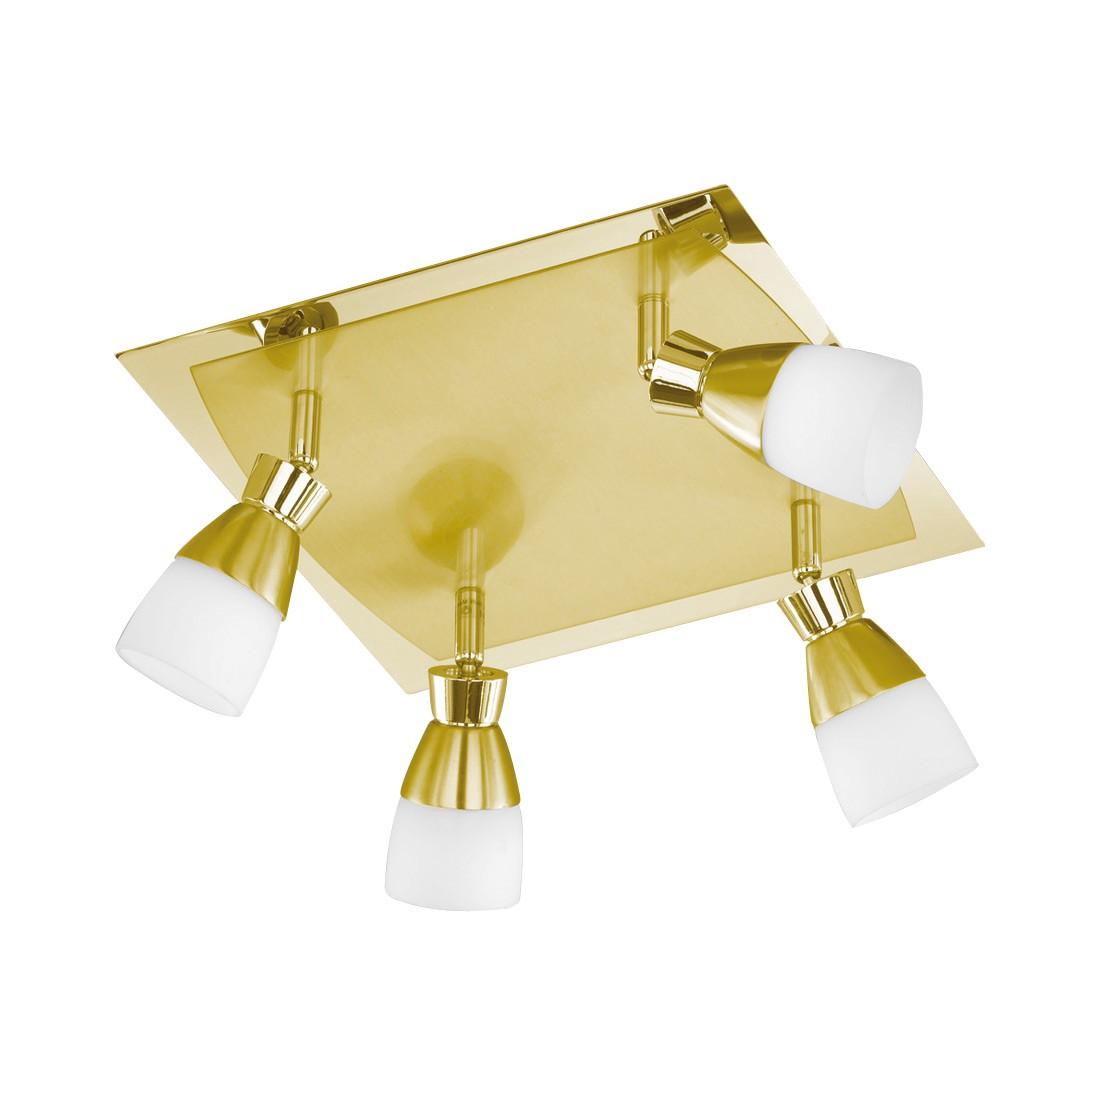 Moderne LED-Deckenleuchte der Modellreihe Morani – Messinglook, Paul Neuhaus jetzt bestellen